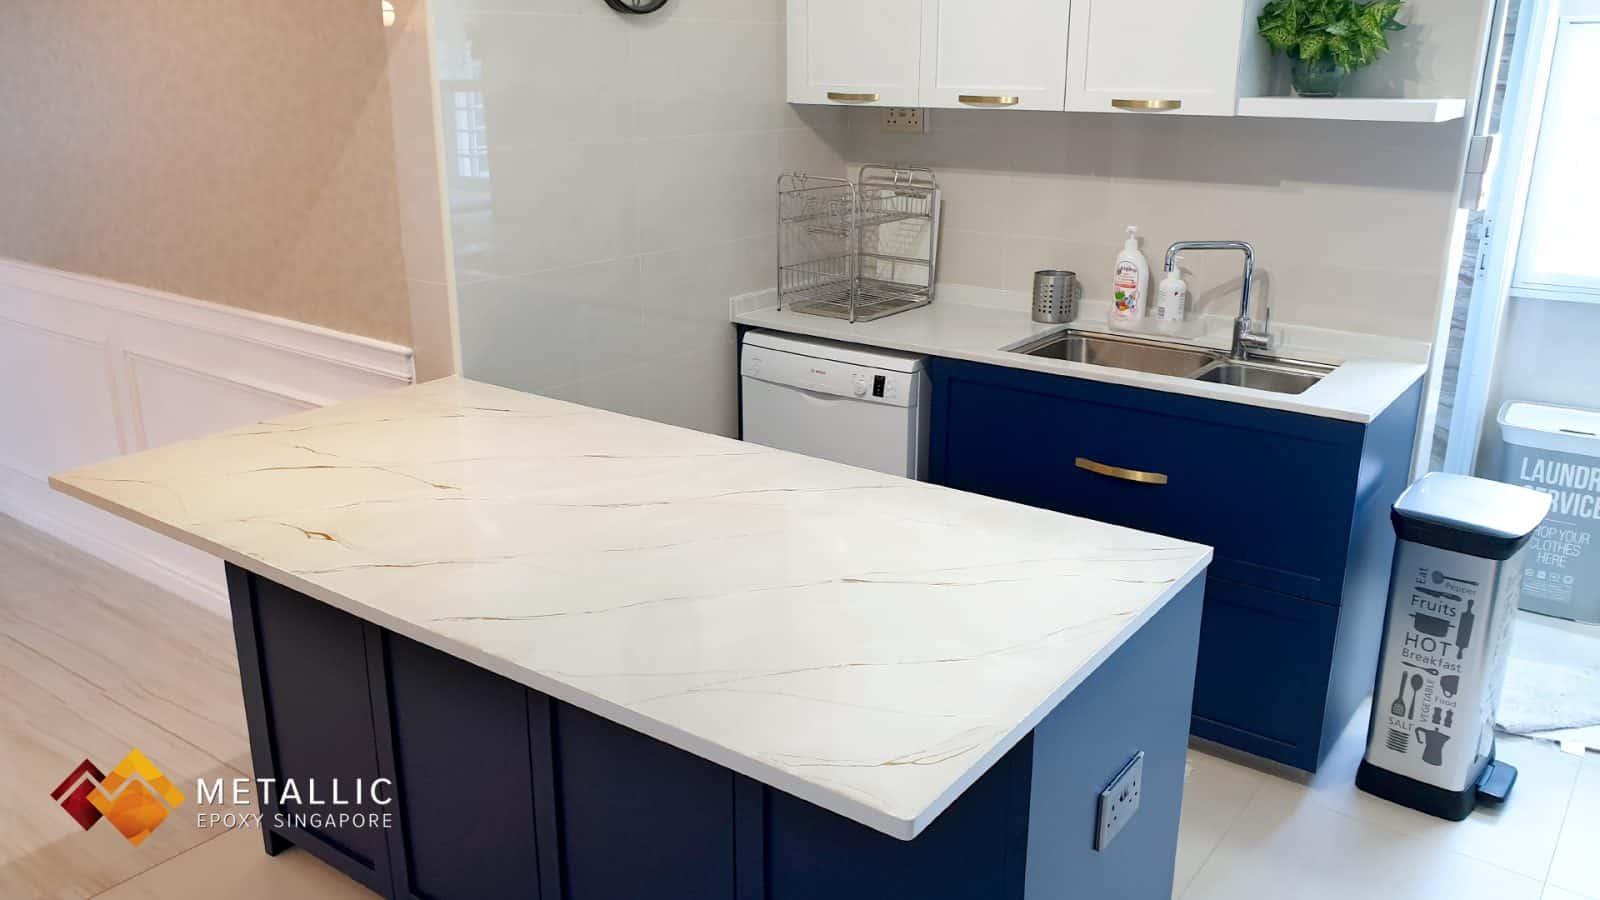 Metallic Epoxy khaki Kitchen countertop